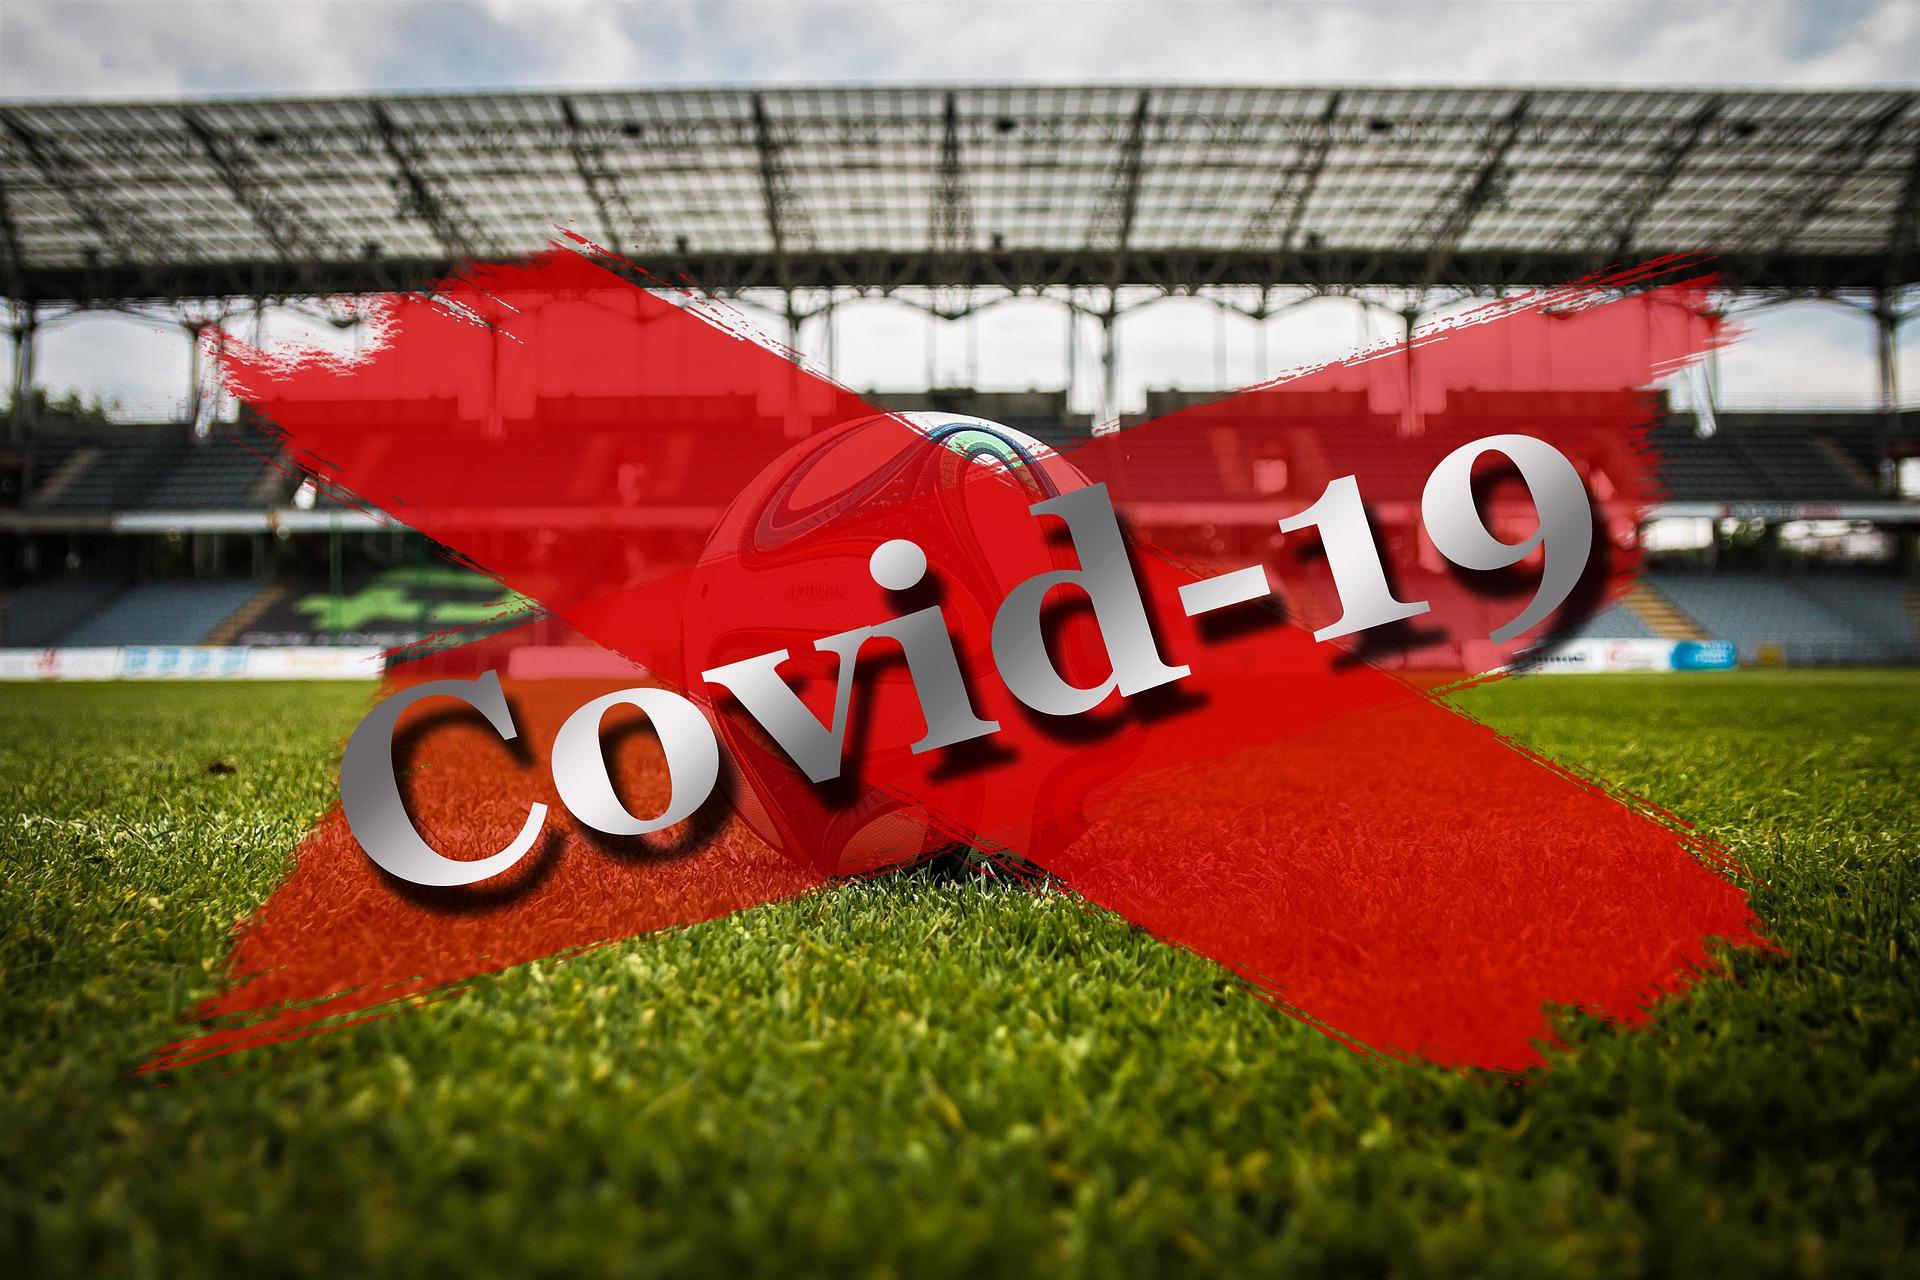 Fussballstadion mit einem roten Corona-Slogan durchgekreuzt